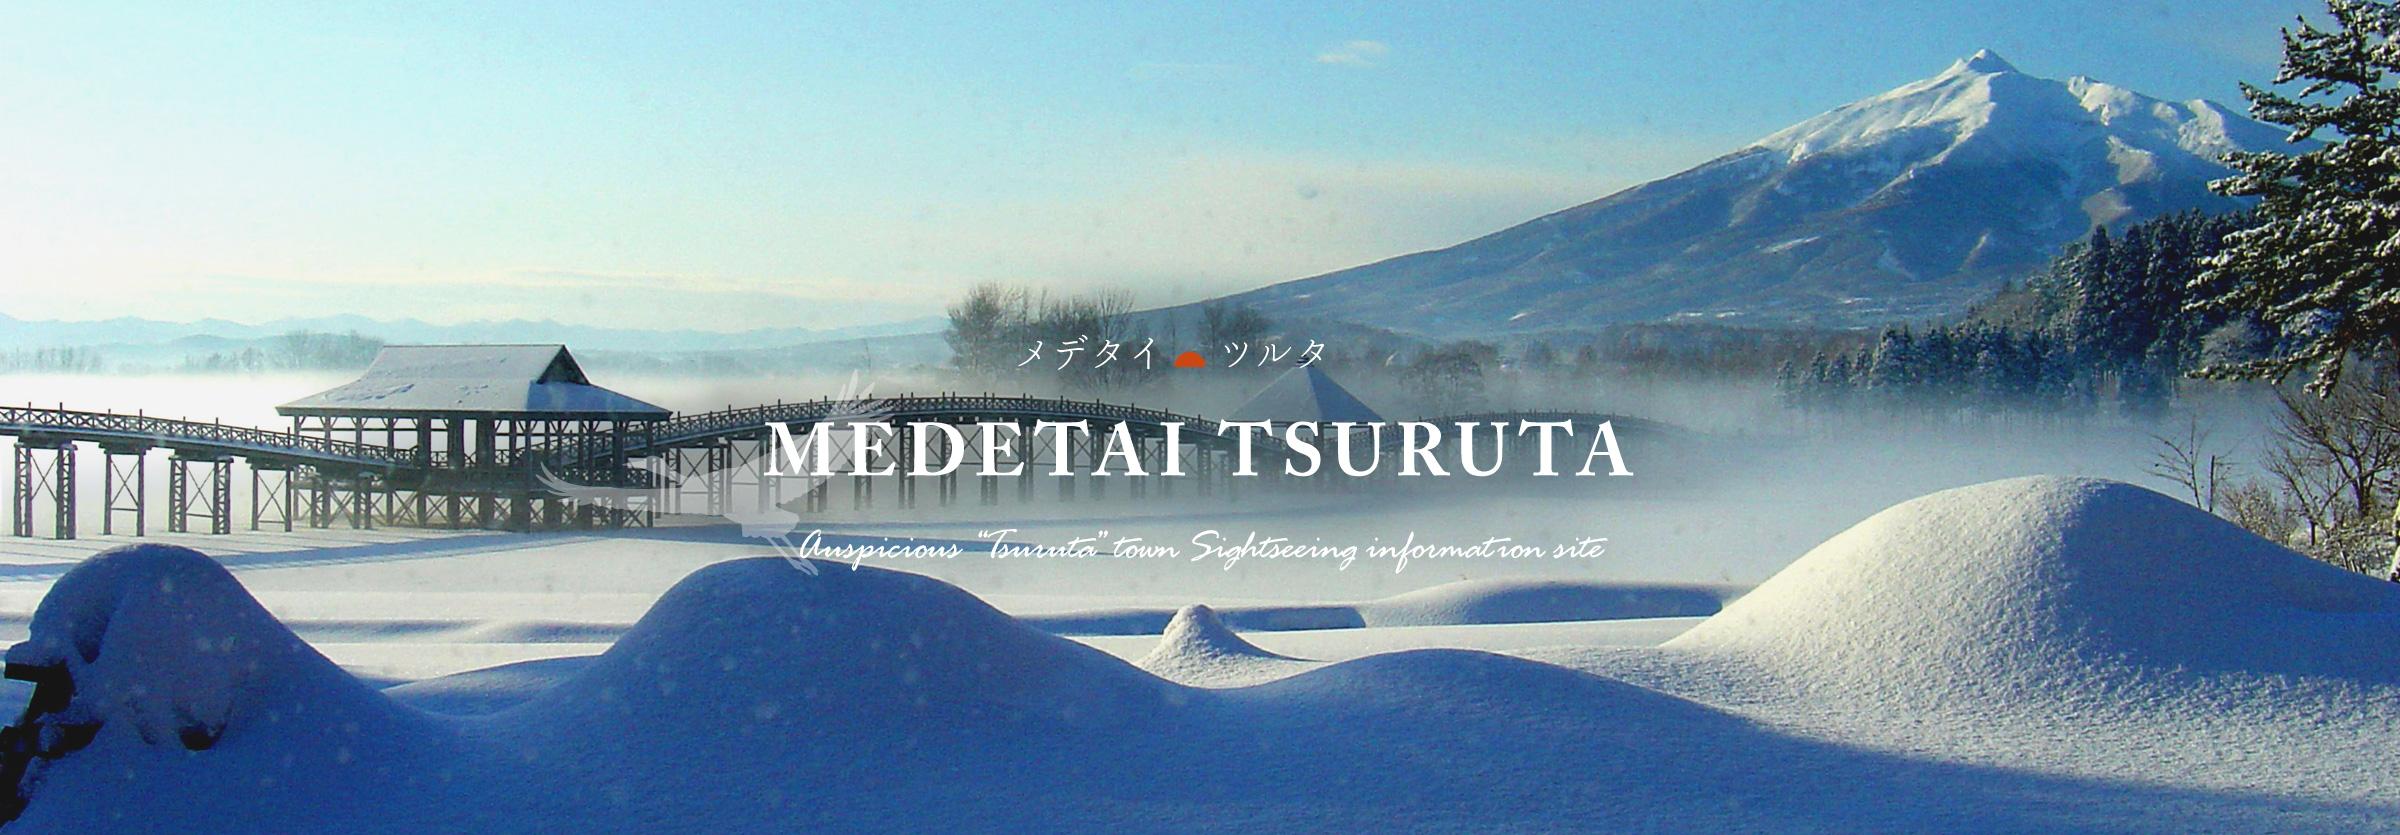 츠가루 후지미호의 겨울